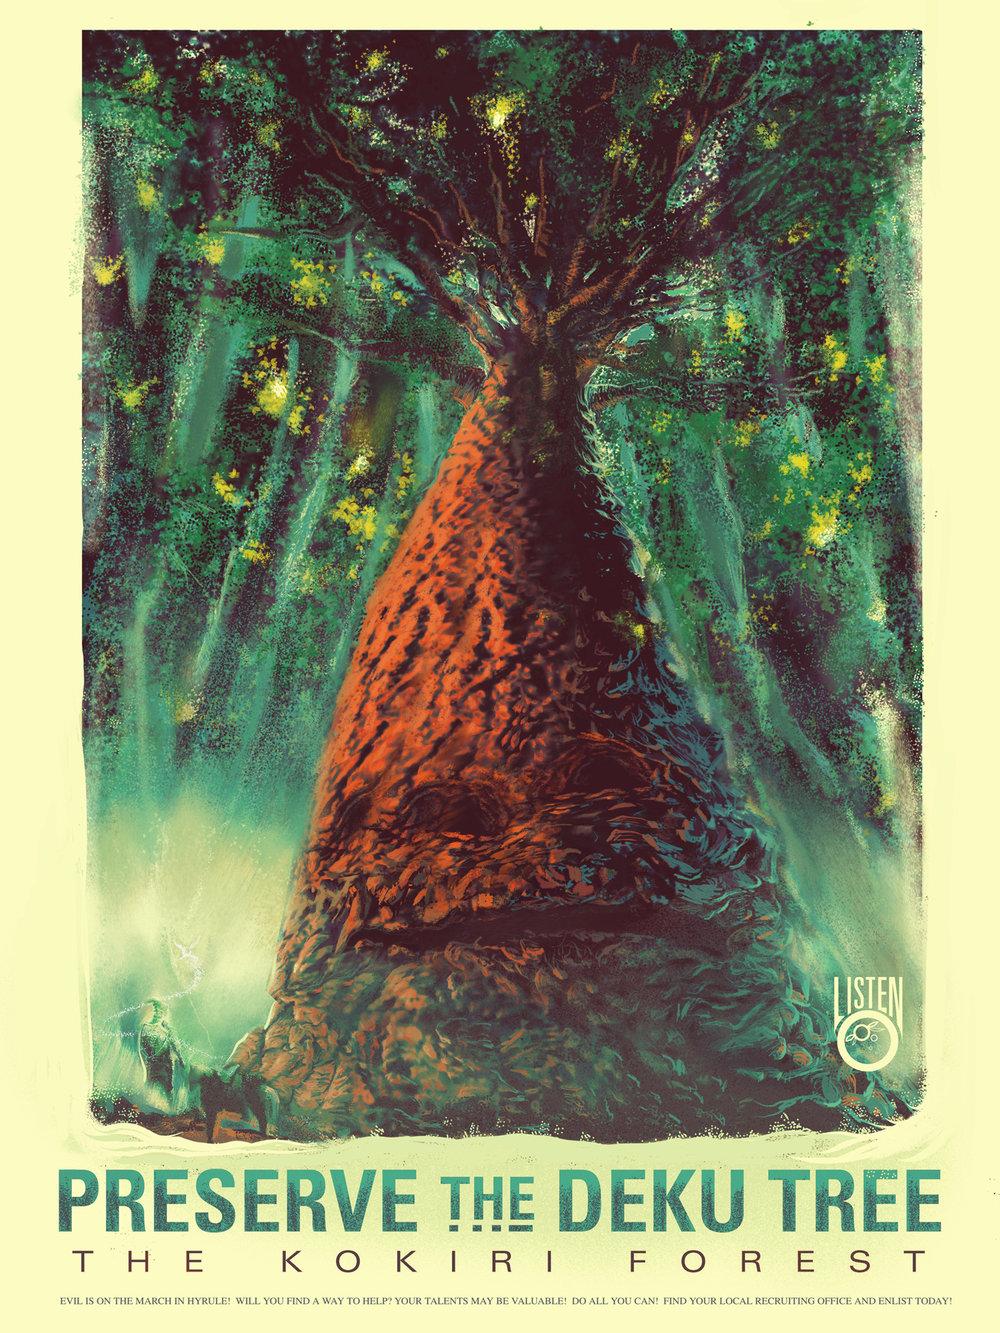 zelda-deku-tree.jpg